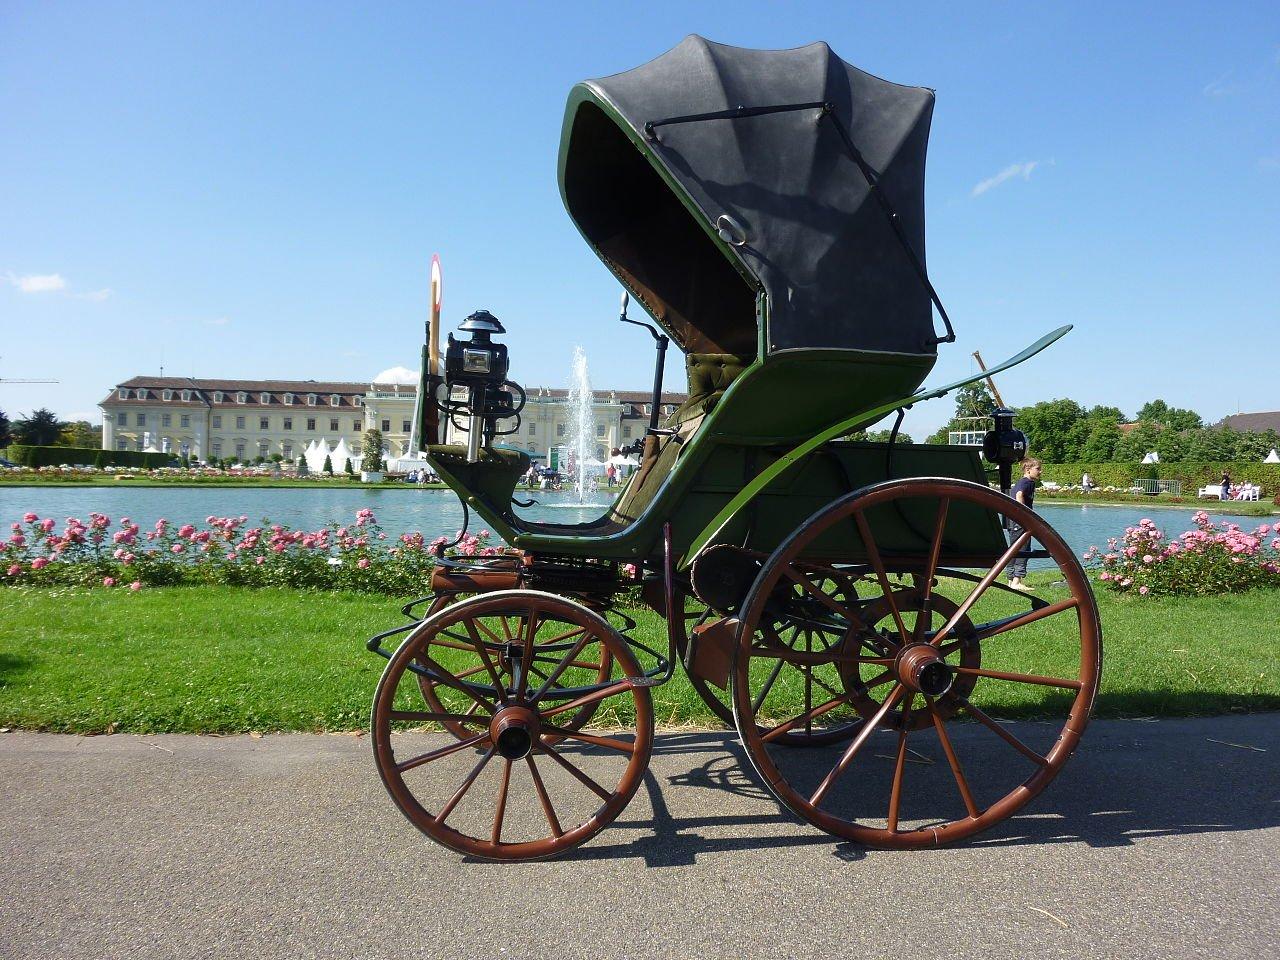 1888 flocken elektrowagen tido como o primeiro carro eletrico do mundo e exposto em uma pista com plantas e flores ao fundo